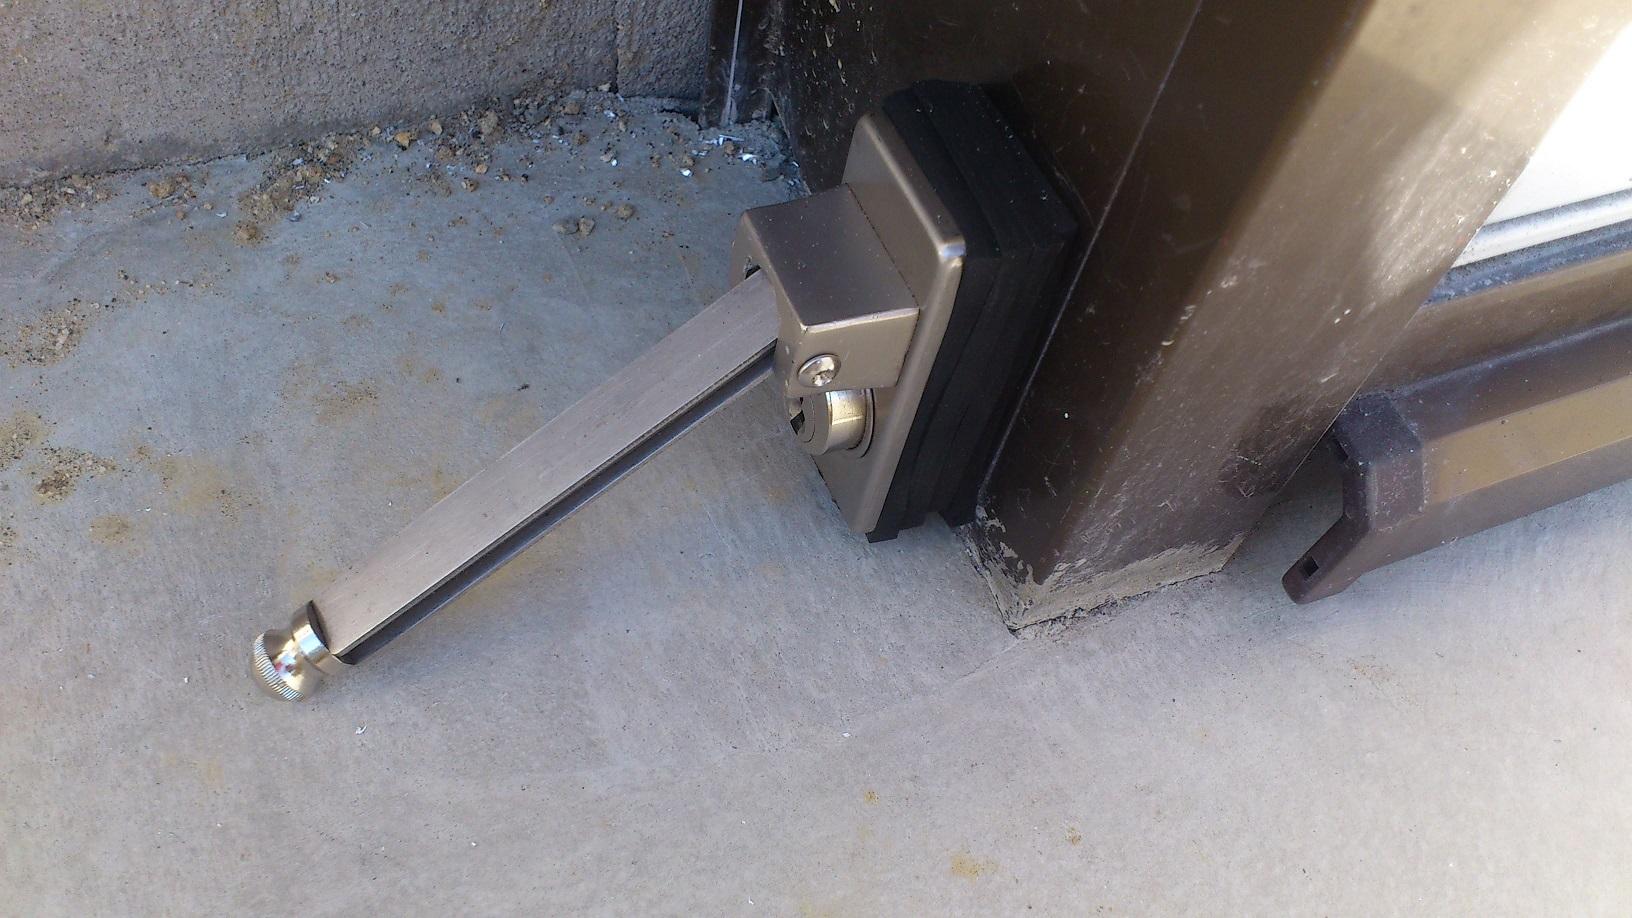 解錠時は鍵を回してから棒を引き出します。